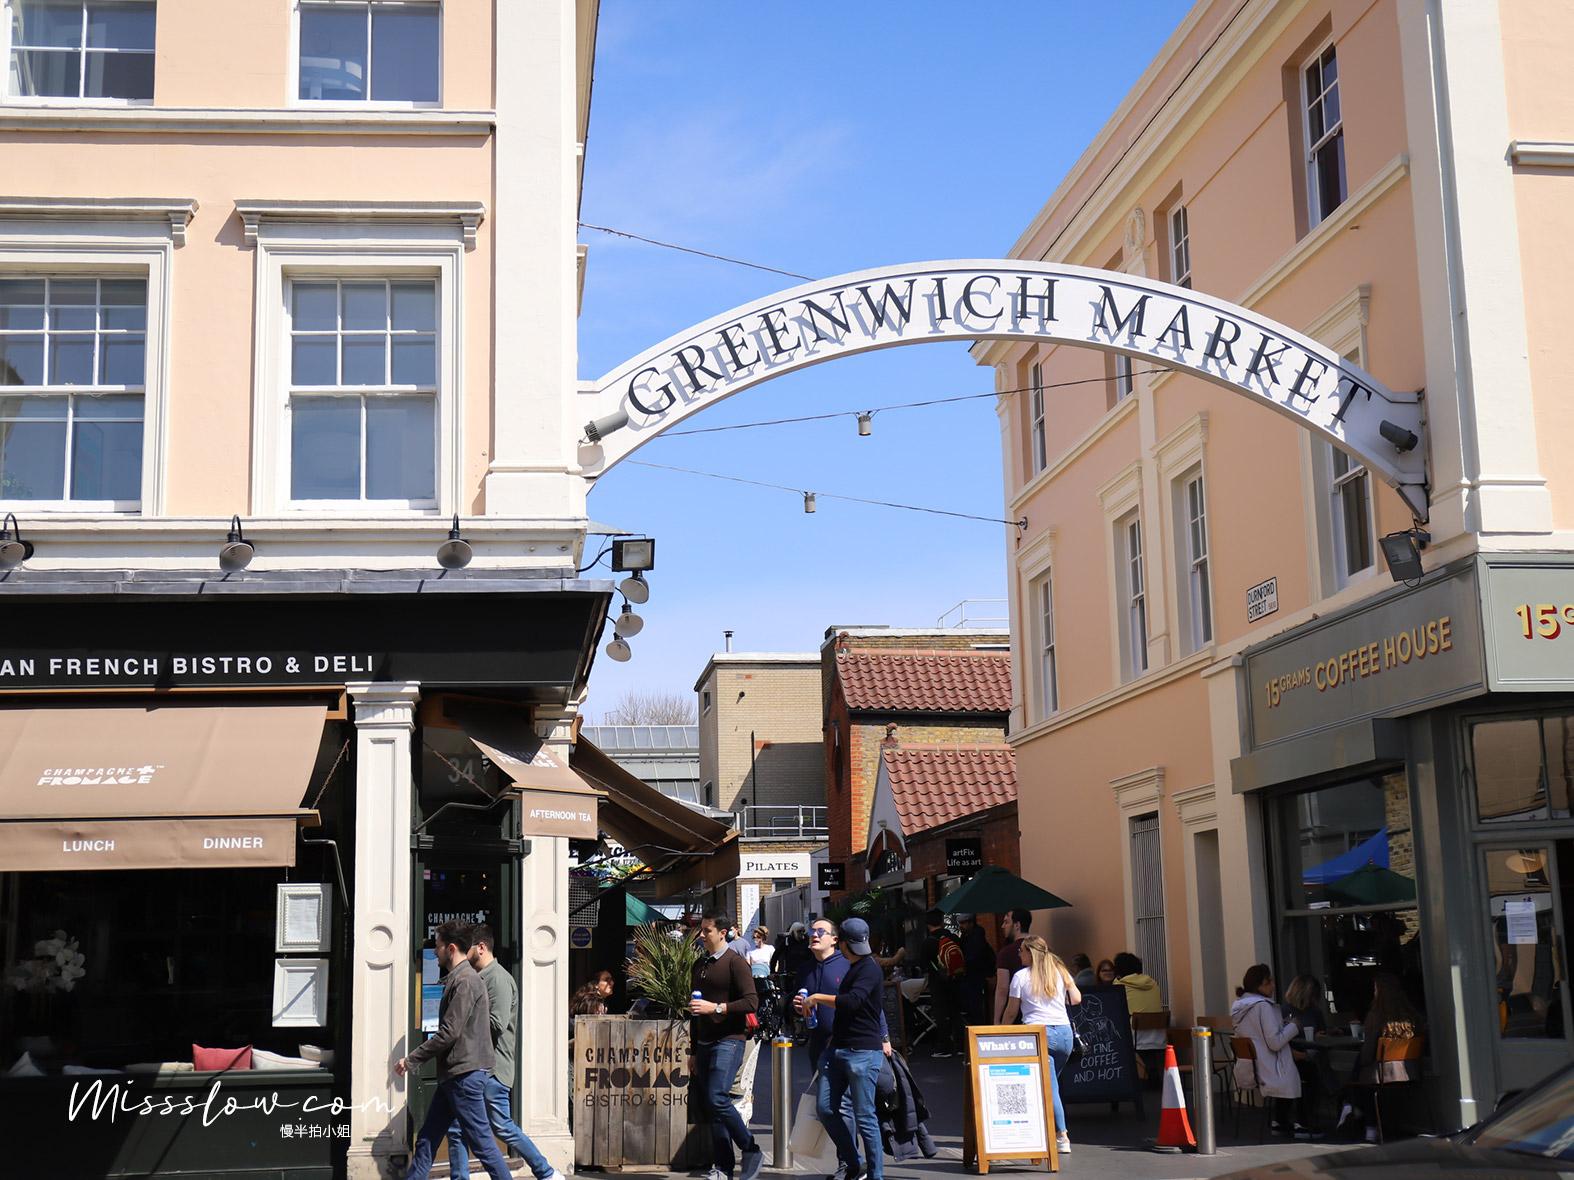 格林威治 市集Greenwich Market